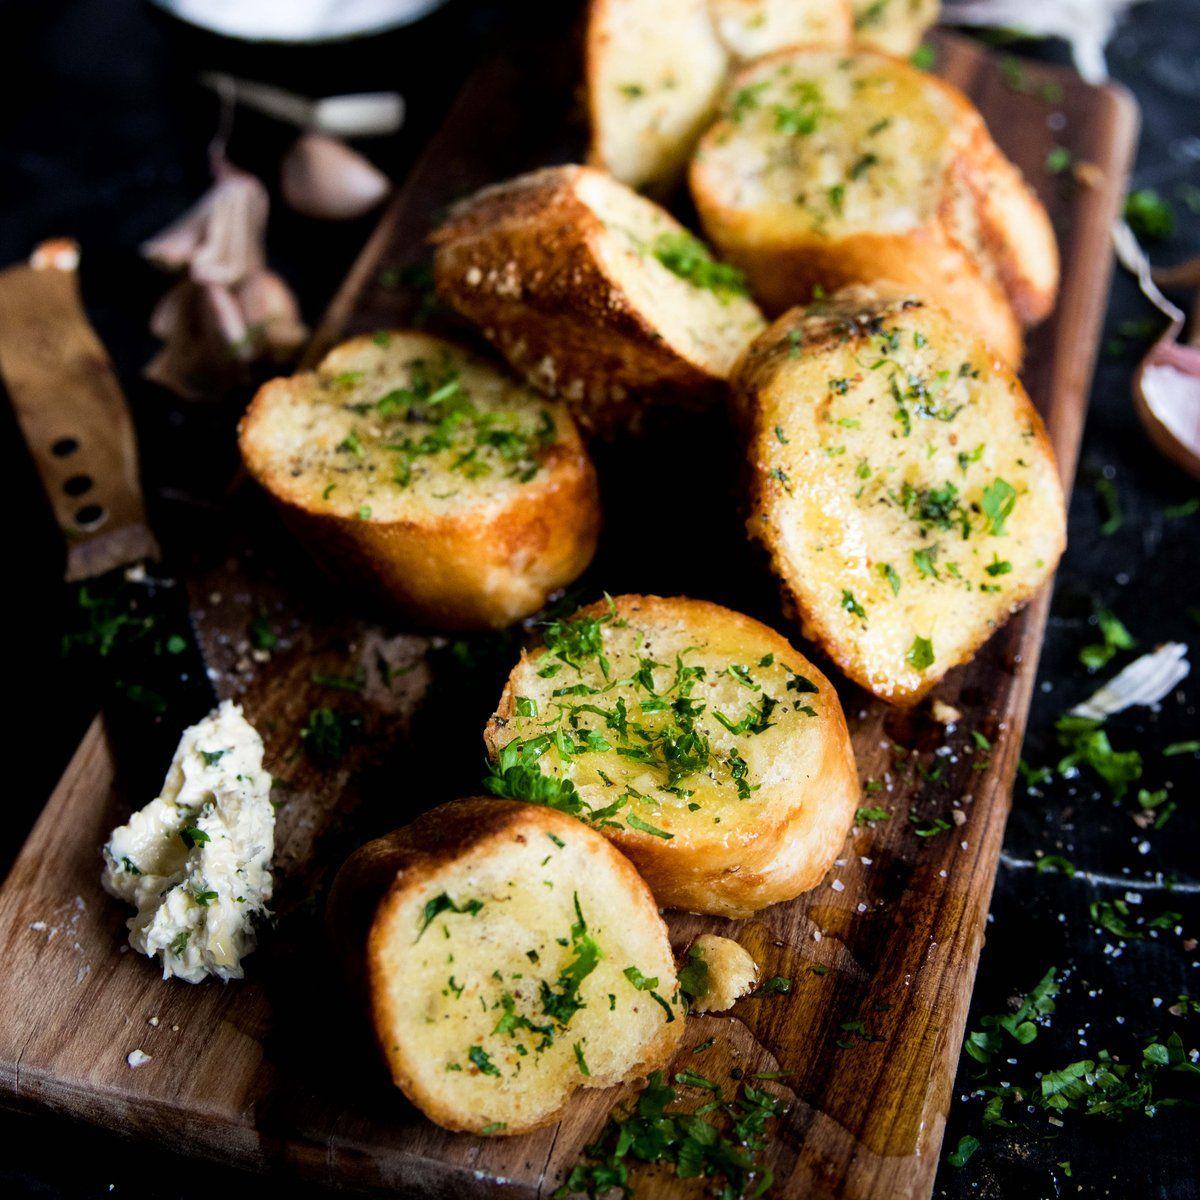 Garlic Bread | Recipes, Garlic bread, Baby food recipes